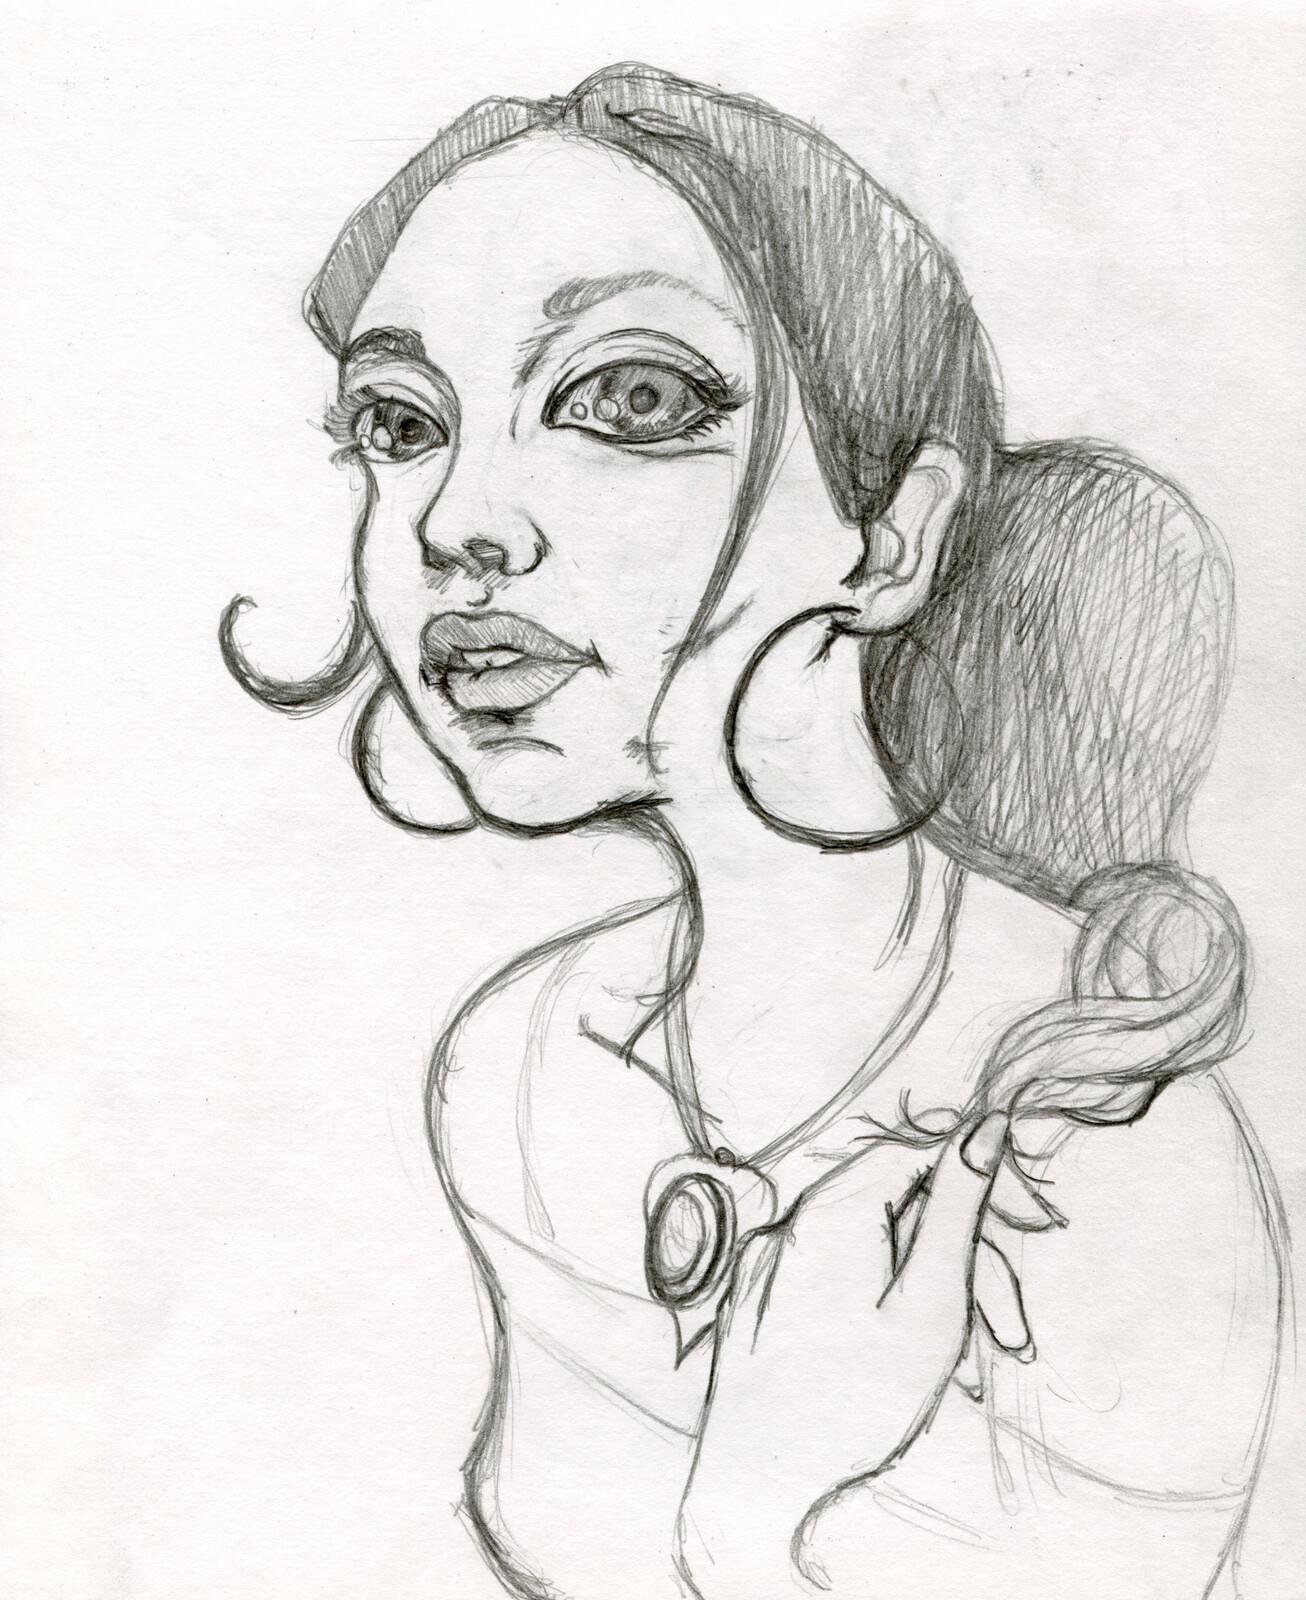 Sketch #1